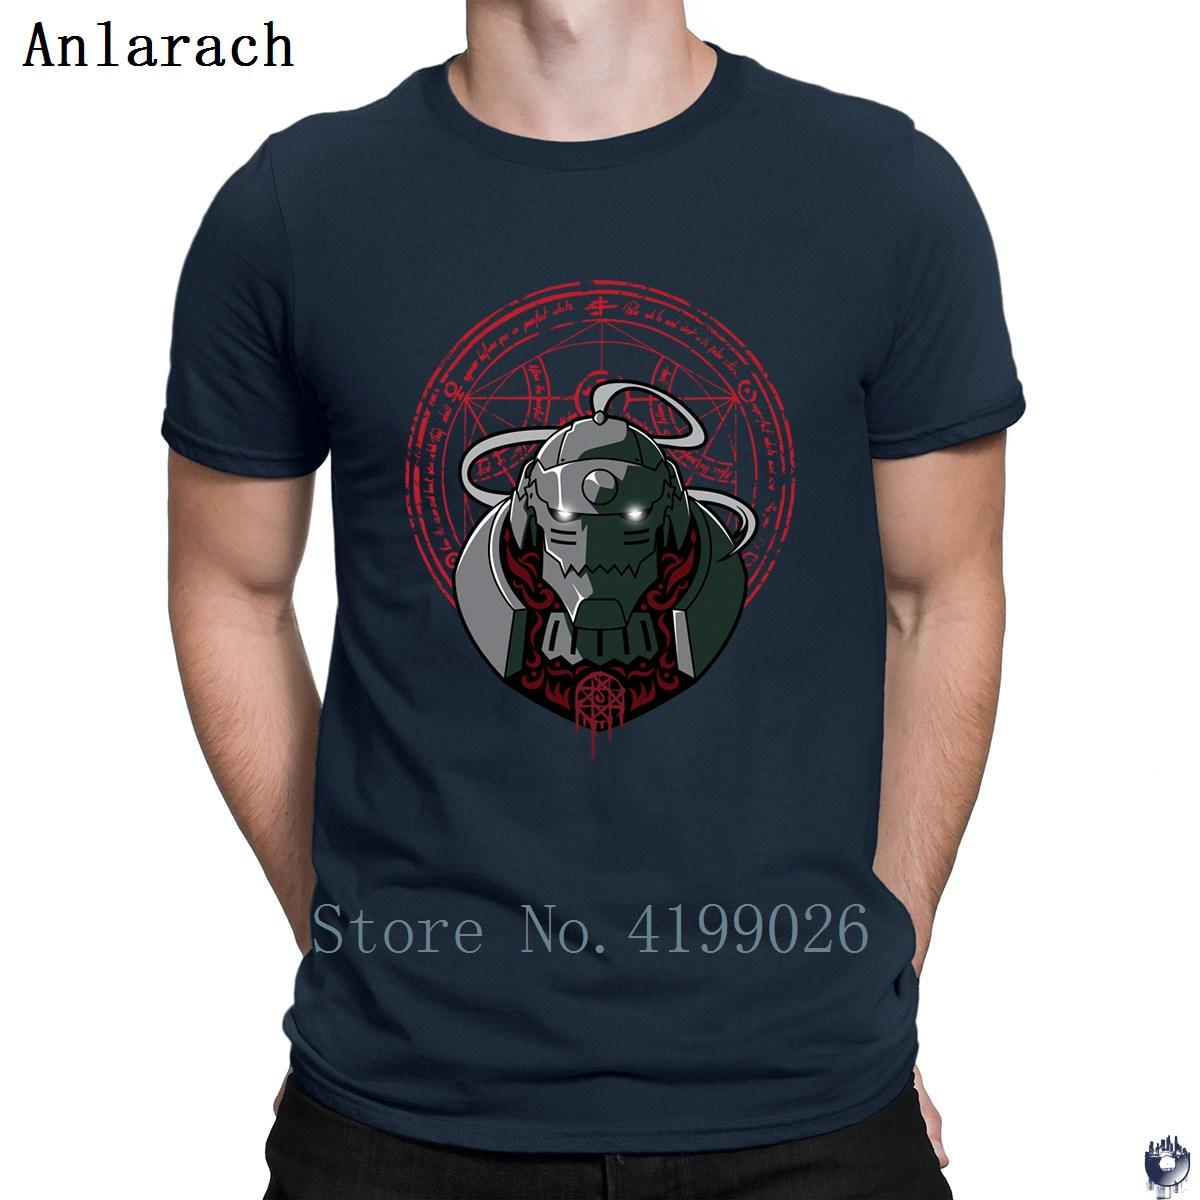 Табу Окончательный Tshirts отличный дизайн Последние с коротким рукавом футболки для мужчин Лето Стиль одежды Tee вершины стройной